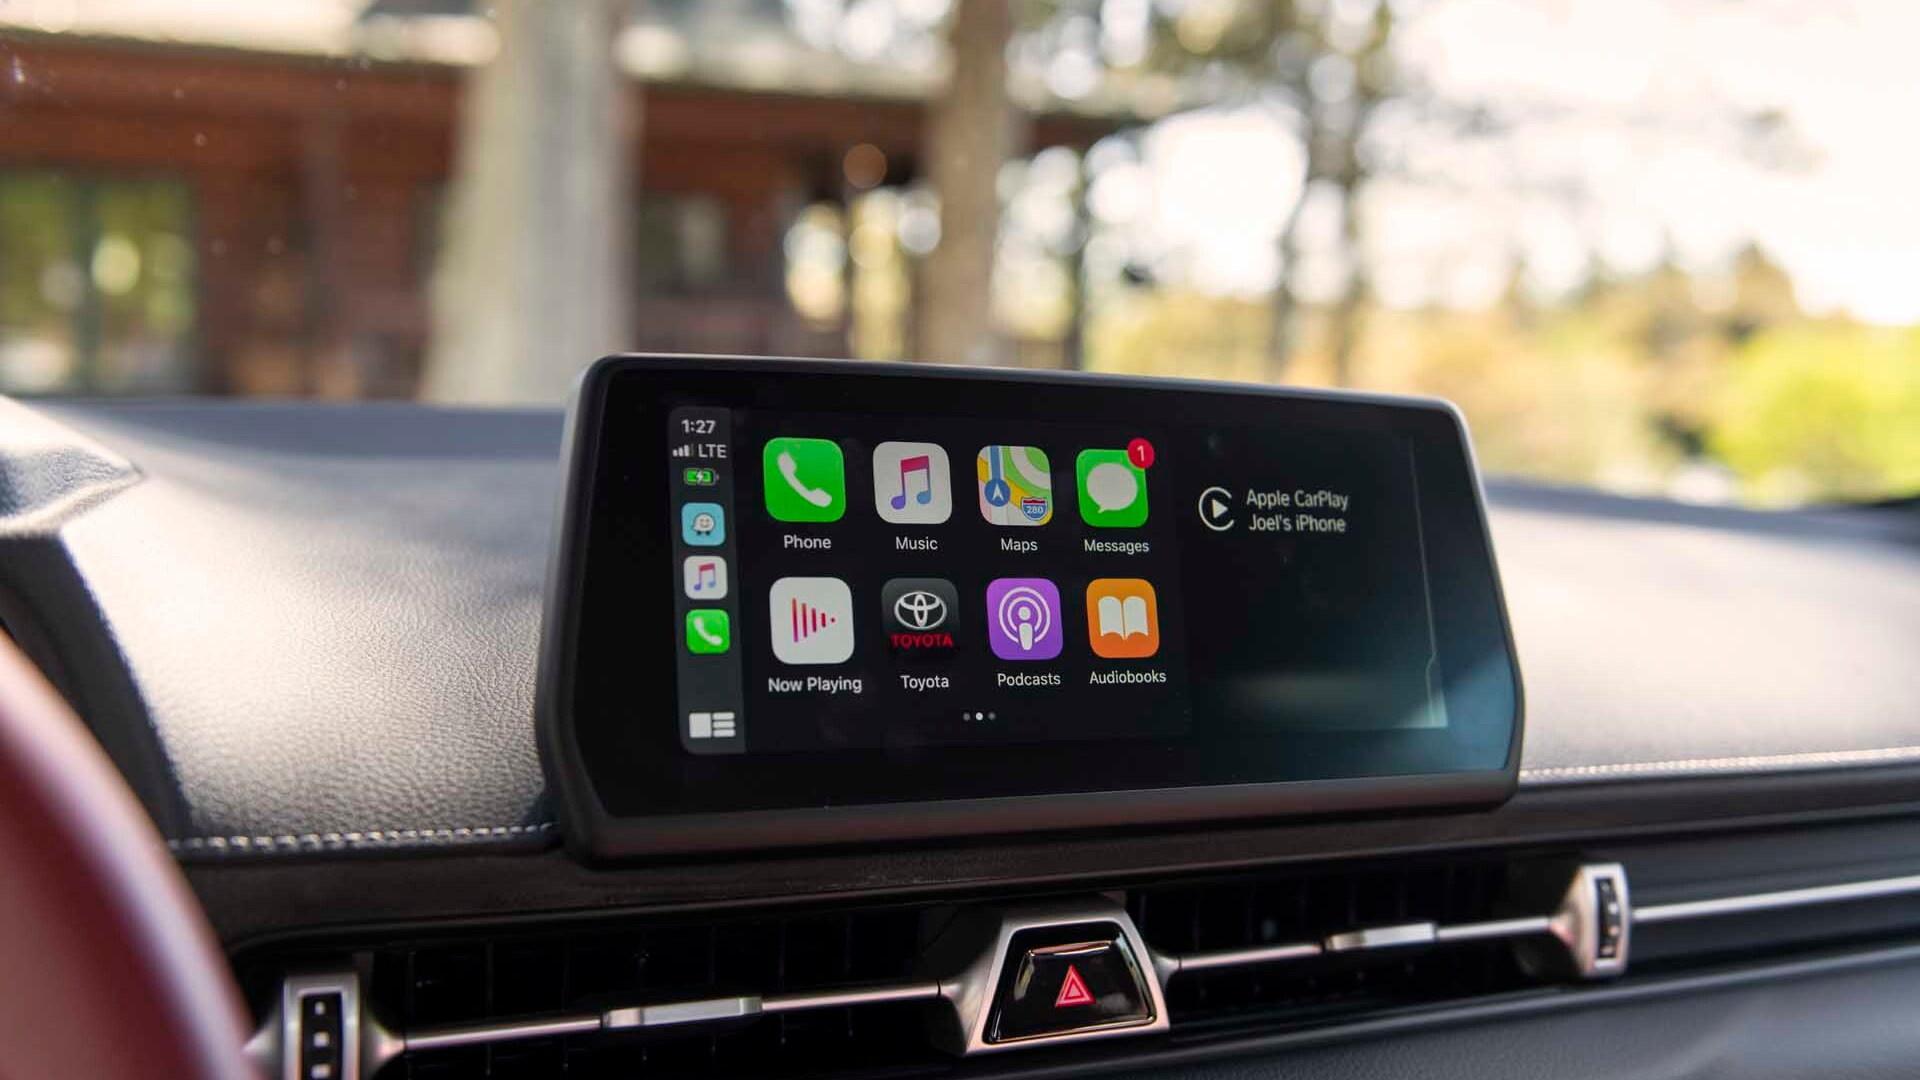 2020 Toyota Supra Apple CarPlay